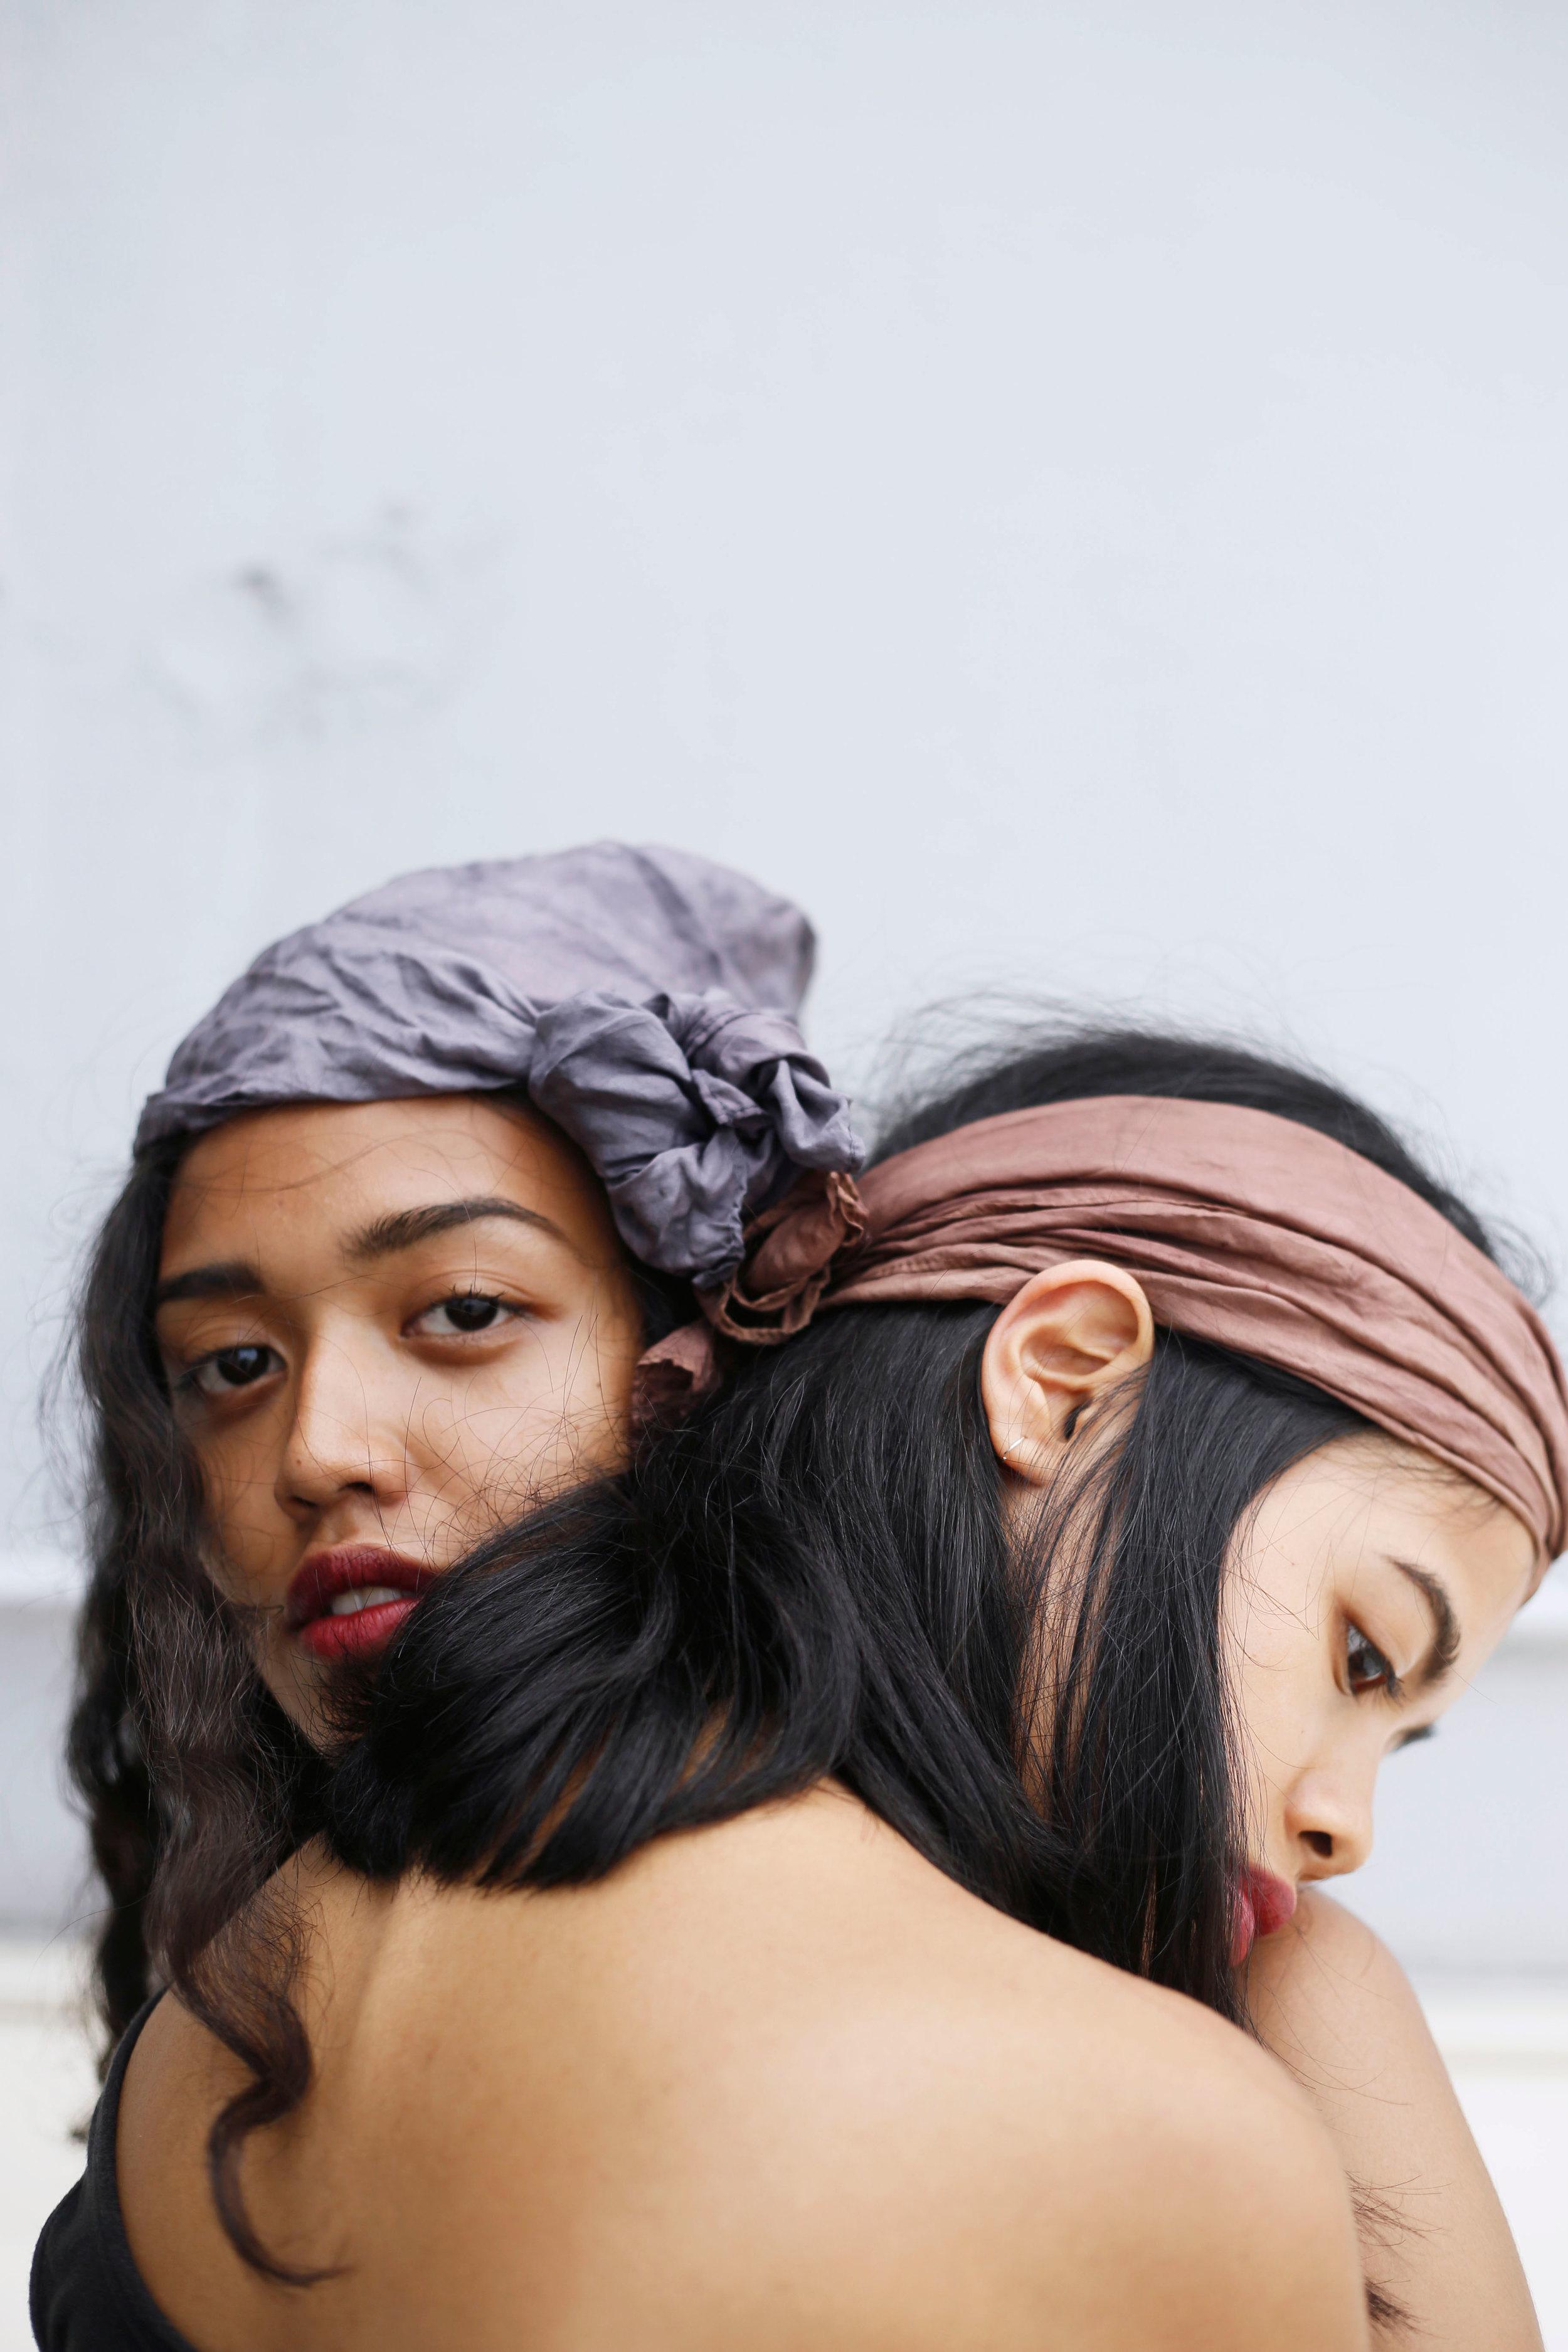 Sisters_Scarves_Closeup.jpg